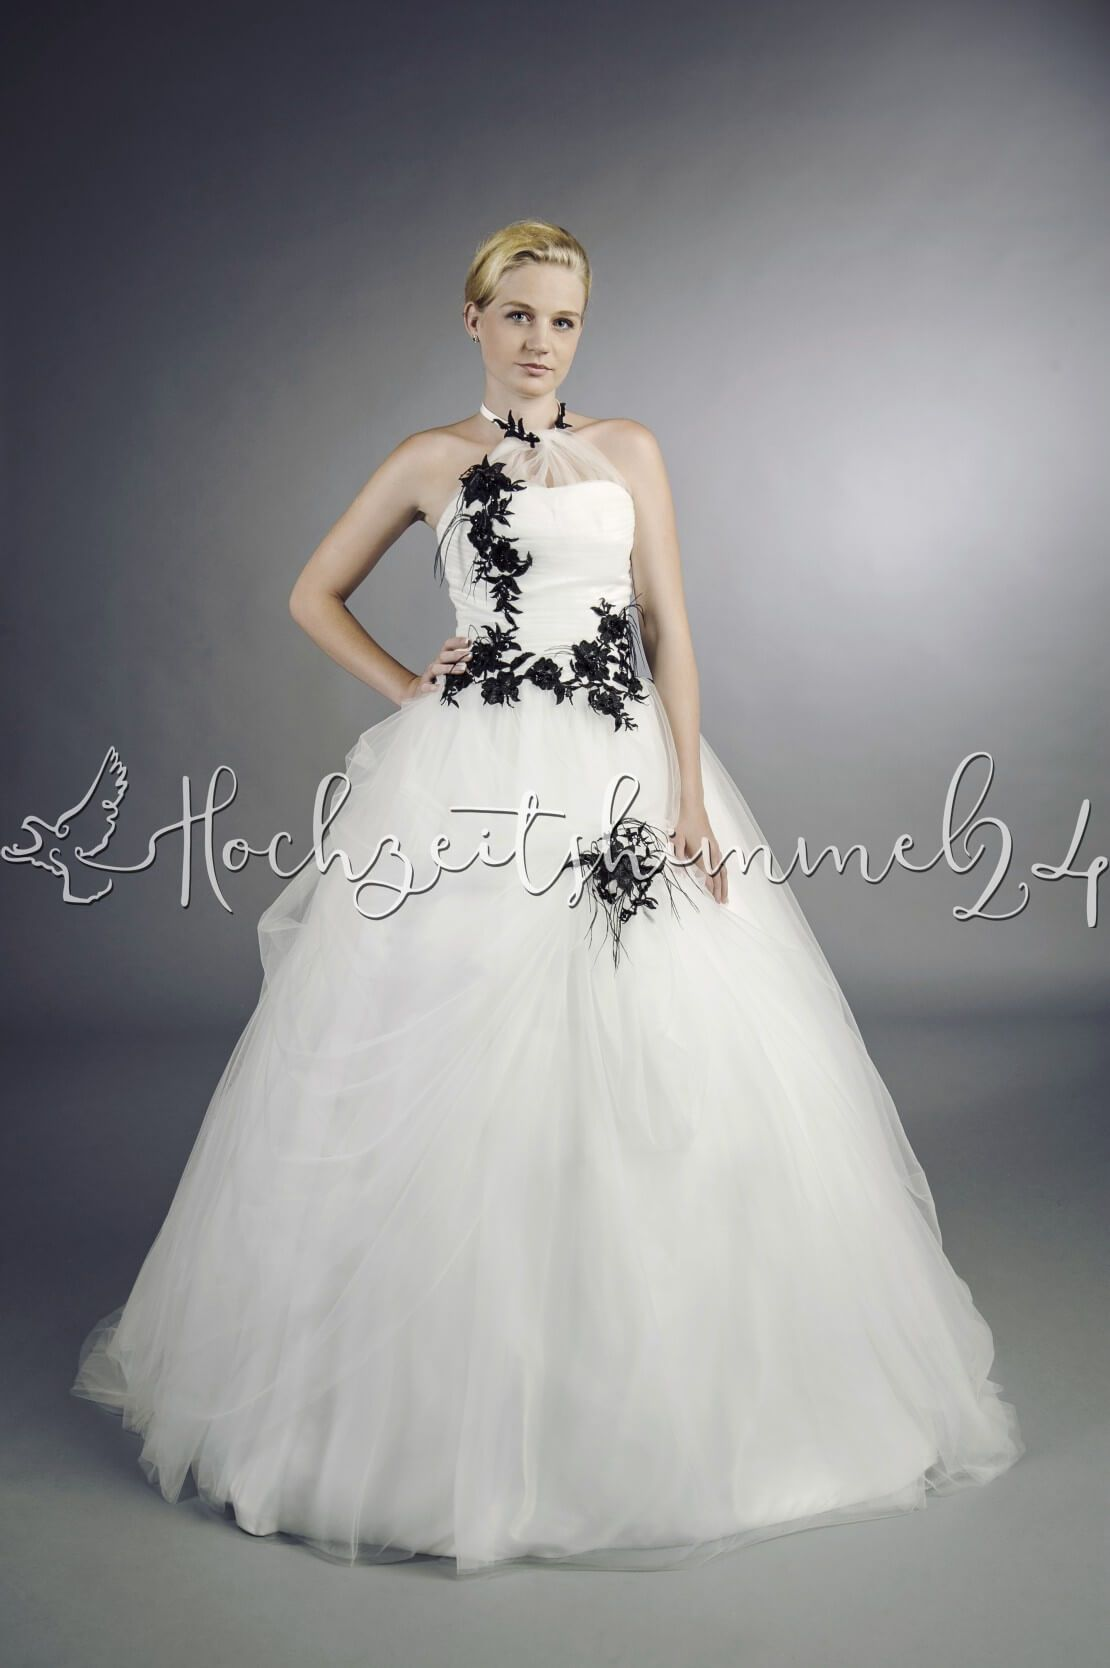 Maïwenn Brautkleid schwarz weiß A-Linie extravagant Federn